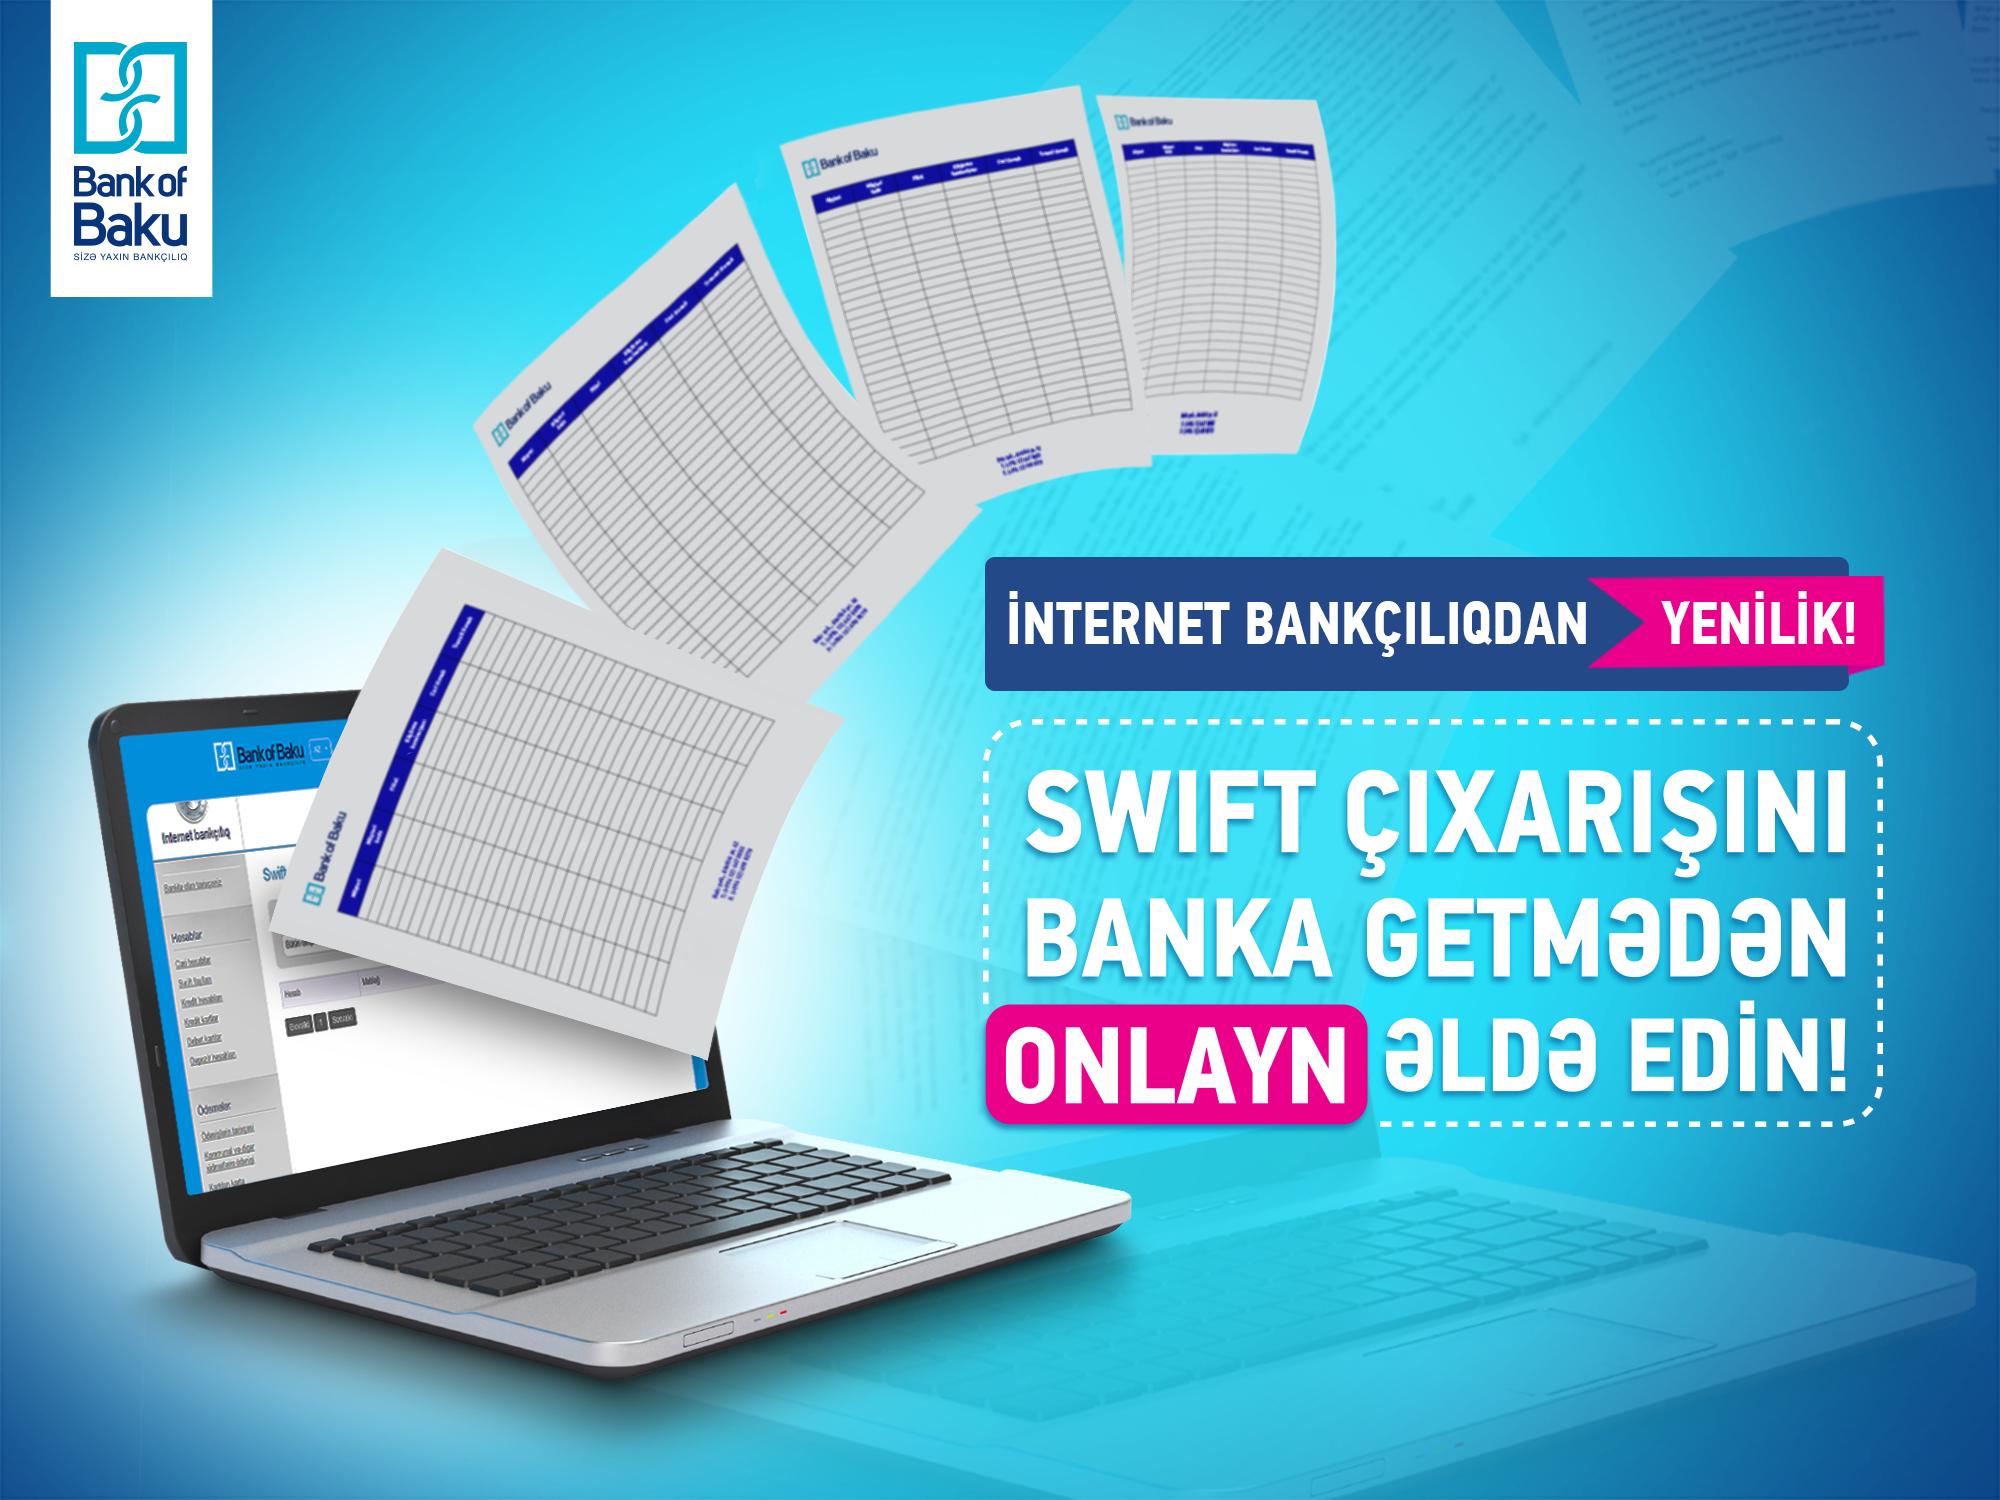 Bank of Baku İnternet Bankçılıq xidmətini yeni funksiyalarla təkmilləşdirir